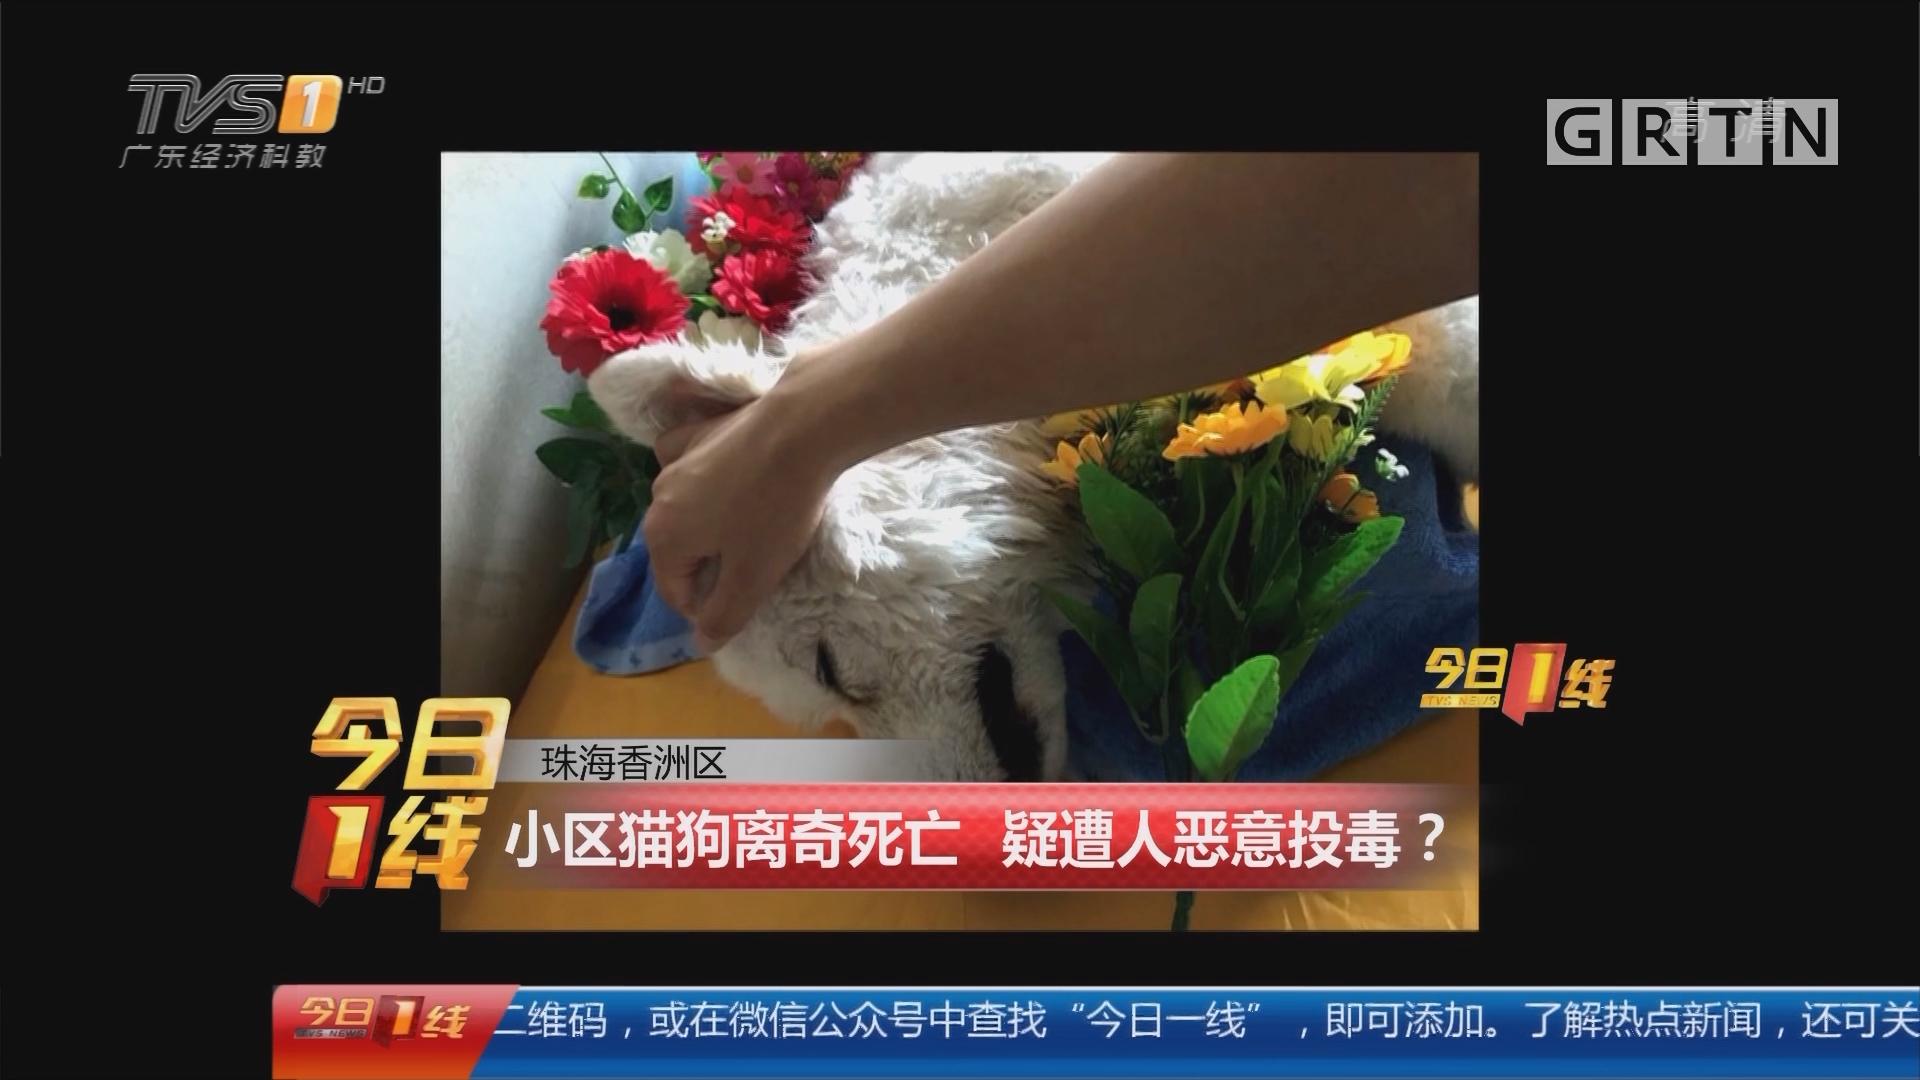 珠海香洲区:小区猫狗离奇死亡 疑遭人恶意投毒?